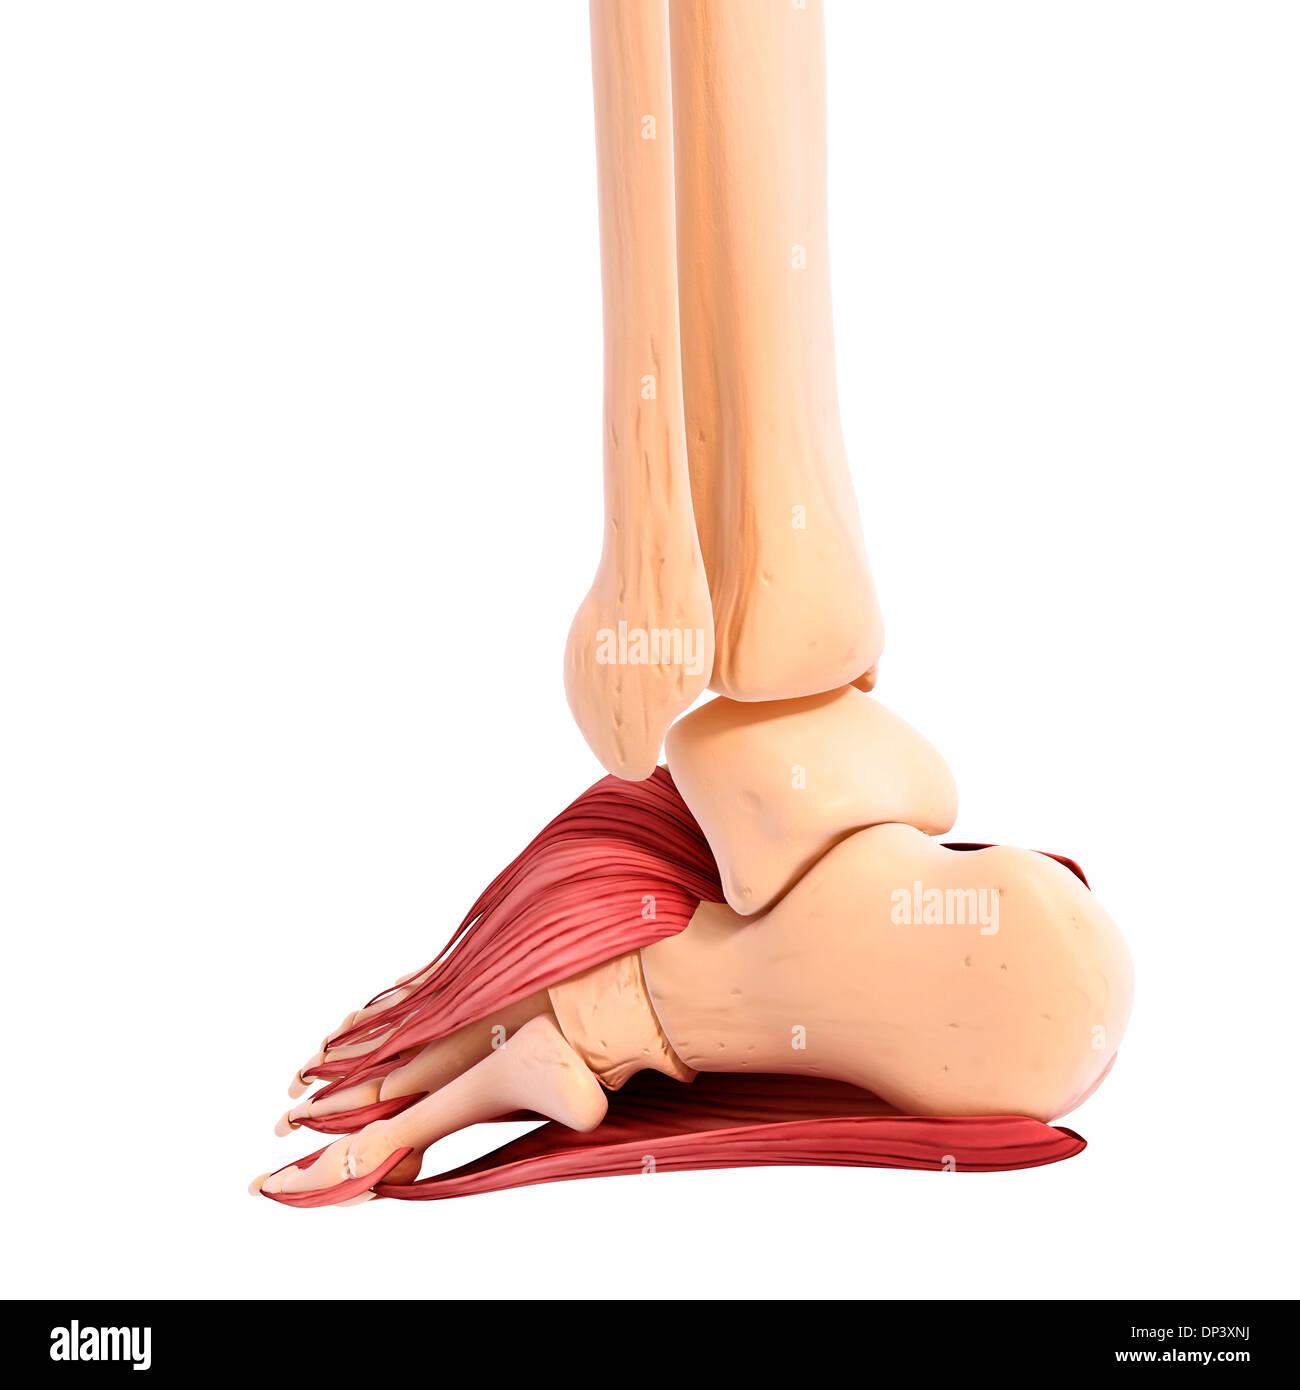 Fantastisch Anatomie Der Fußmuskulatur Galerie - Anatomie Ideen ...